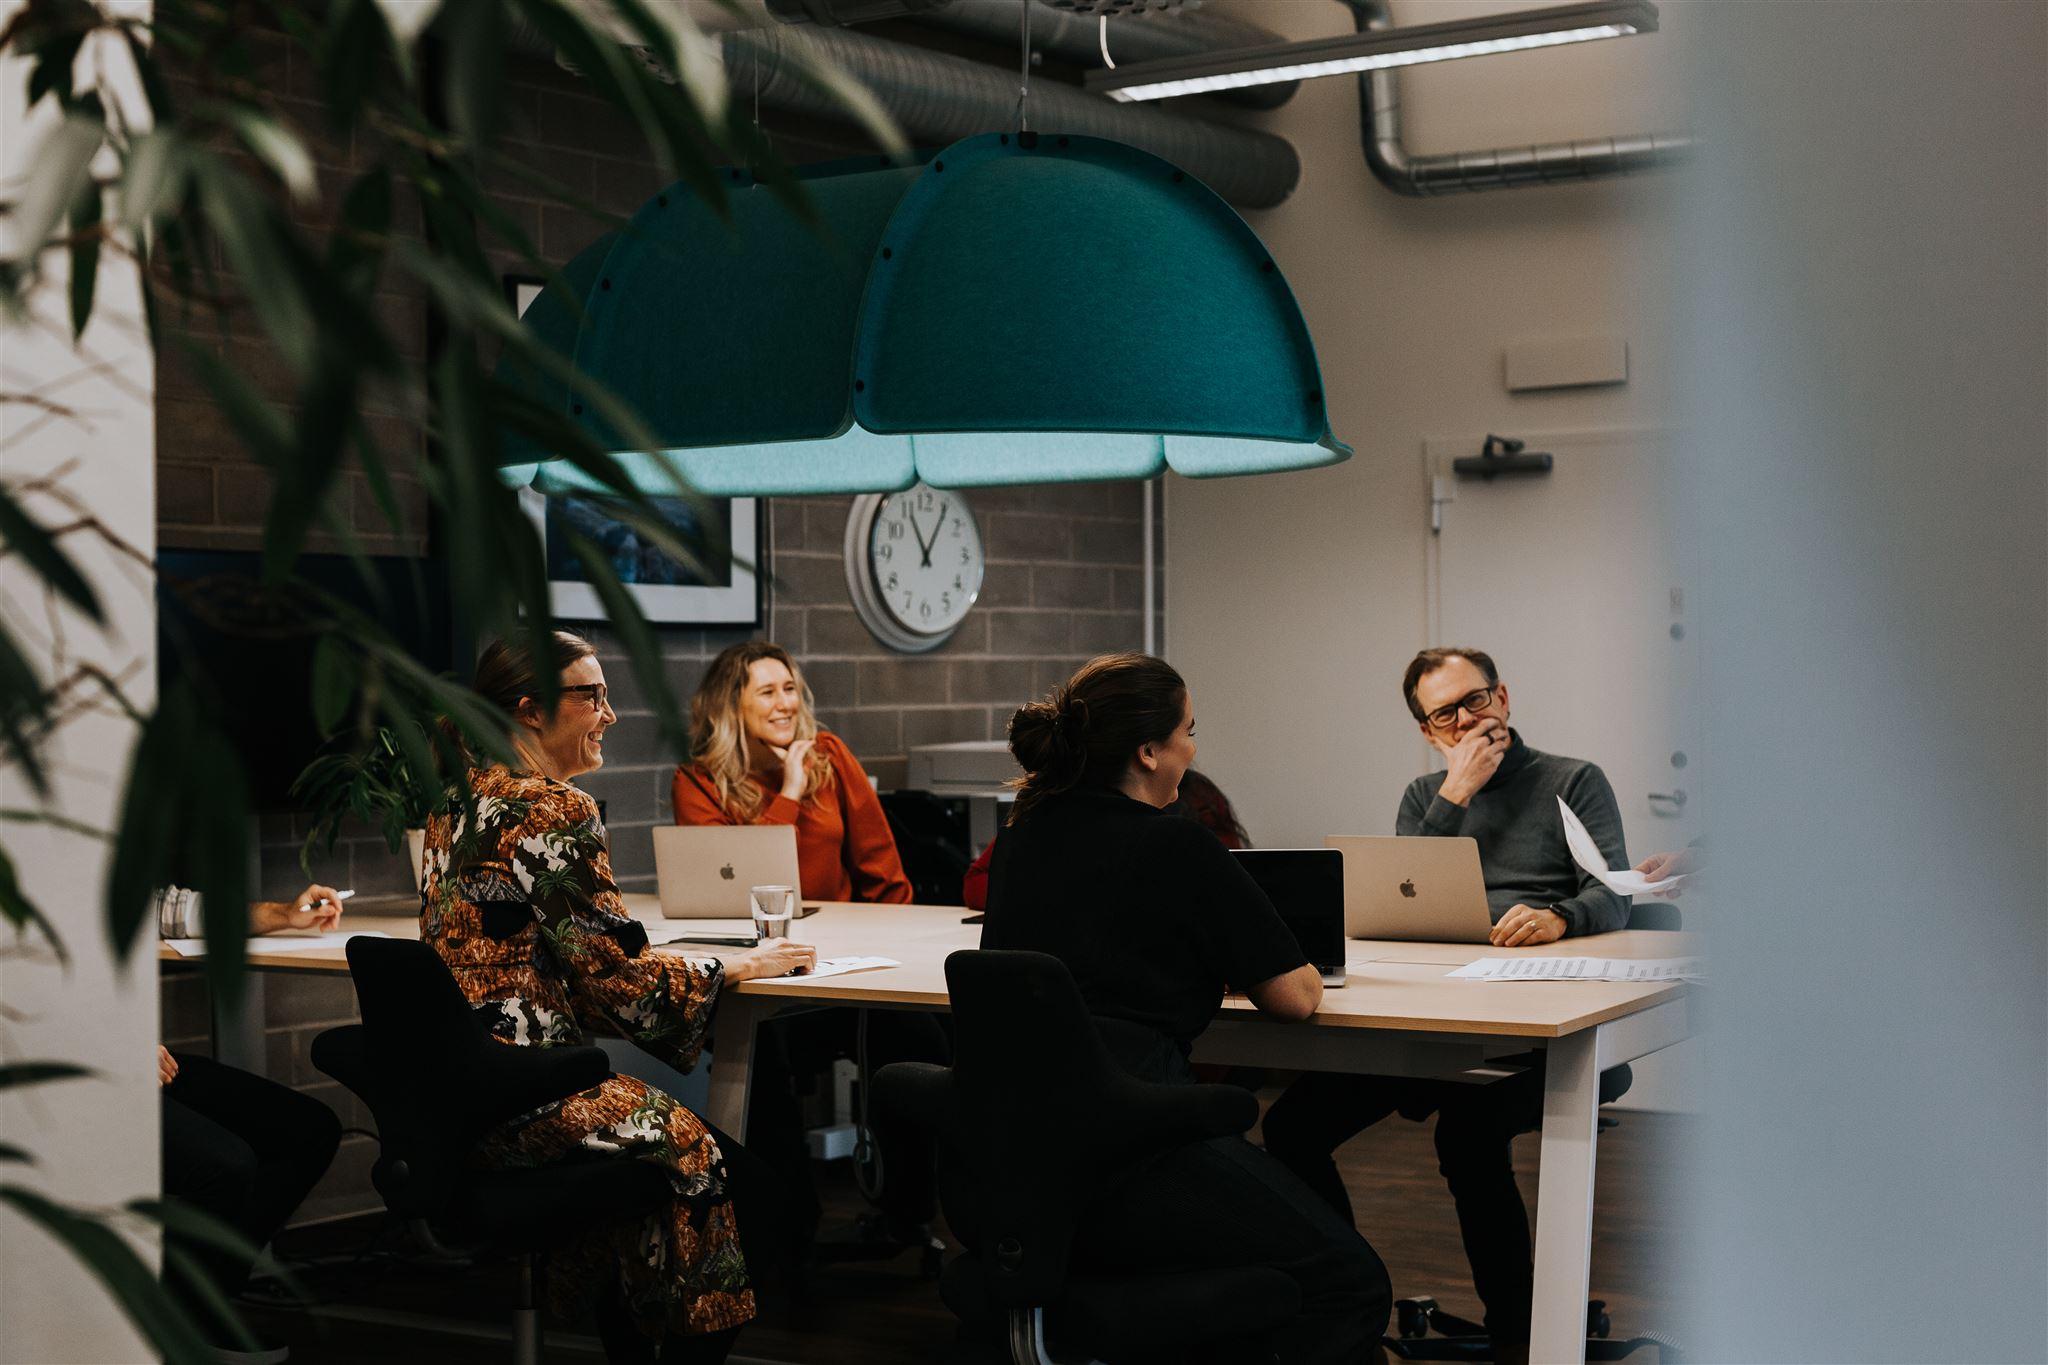 Flera personer som sitter vid ett bord med datorer